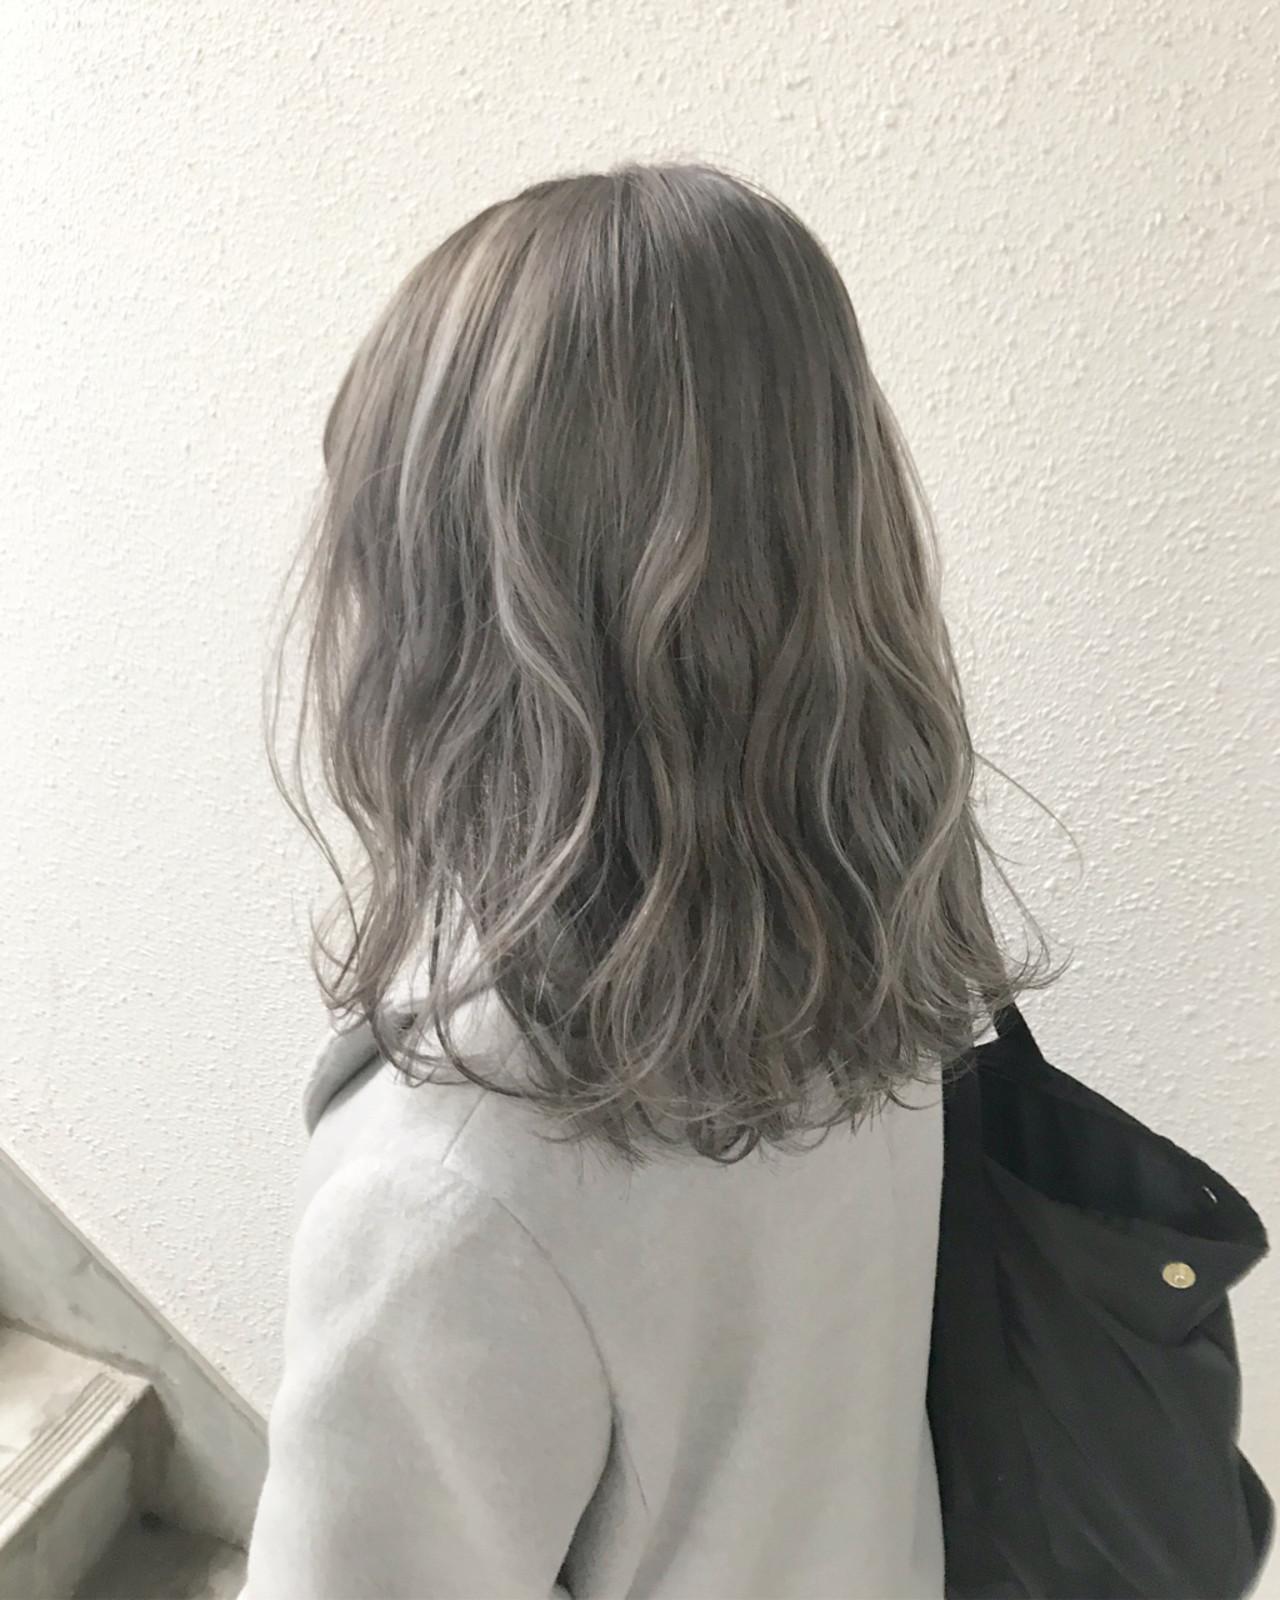 モード ミディアム ハイトーン ブリーチ ヘアスタイルや髪型の写真・画像 | ヨシダタイシ / CHERIE hairdesign